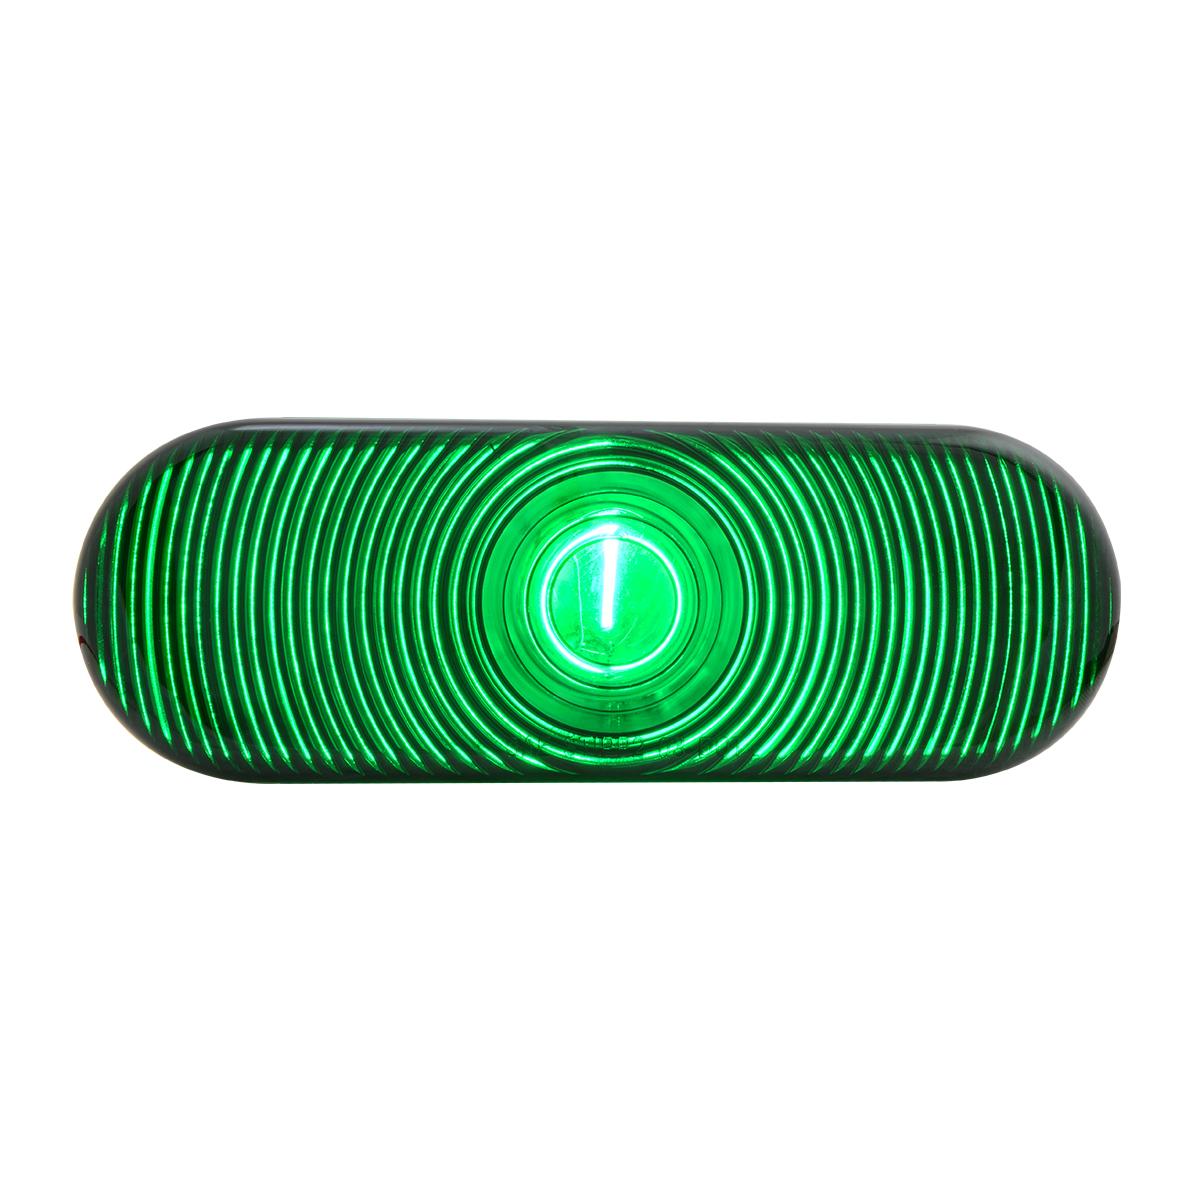 #79852 Oval Light - Green Lens Only